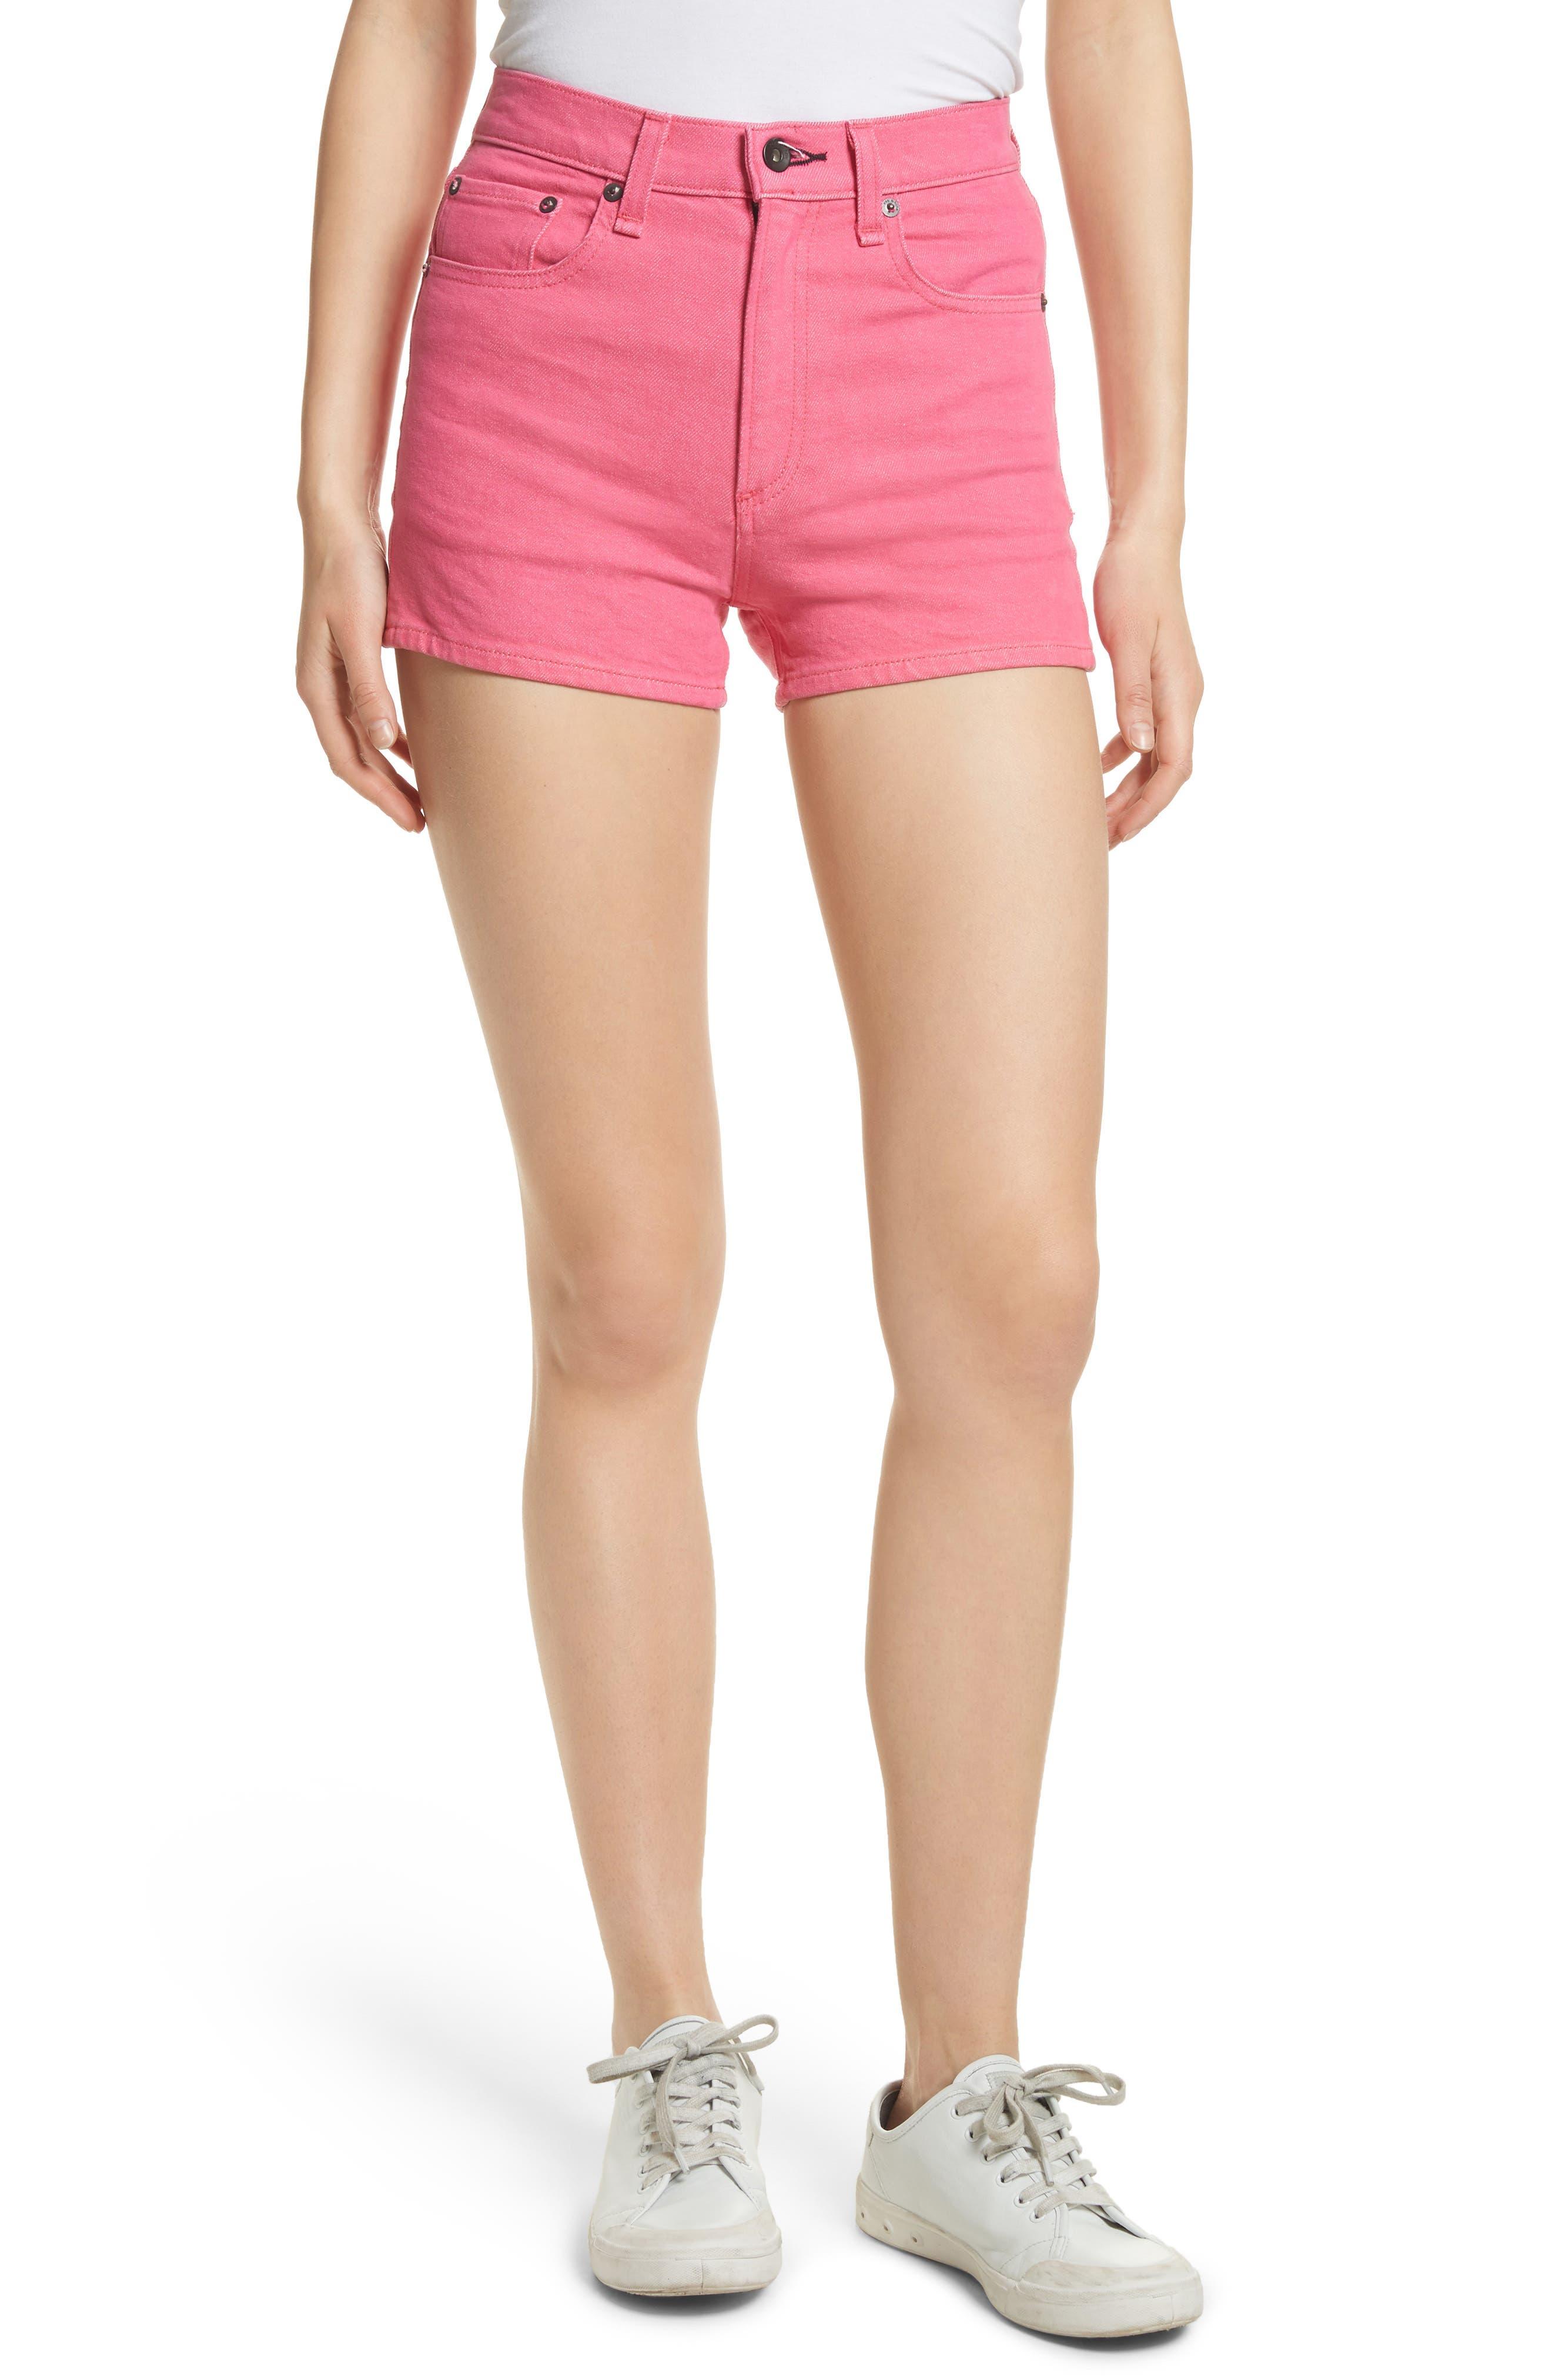 Justine High Waist Denim Shorts,                         Main,                         color, Bull Pink